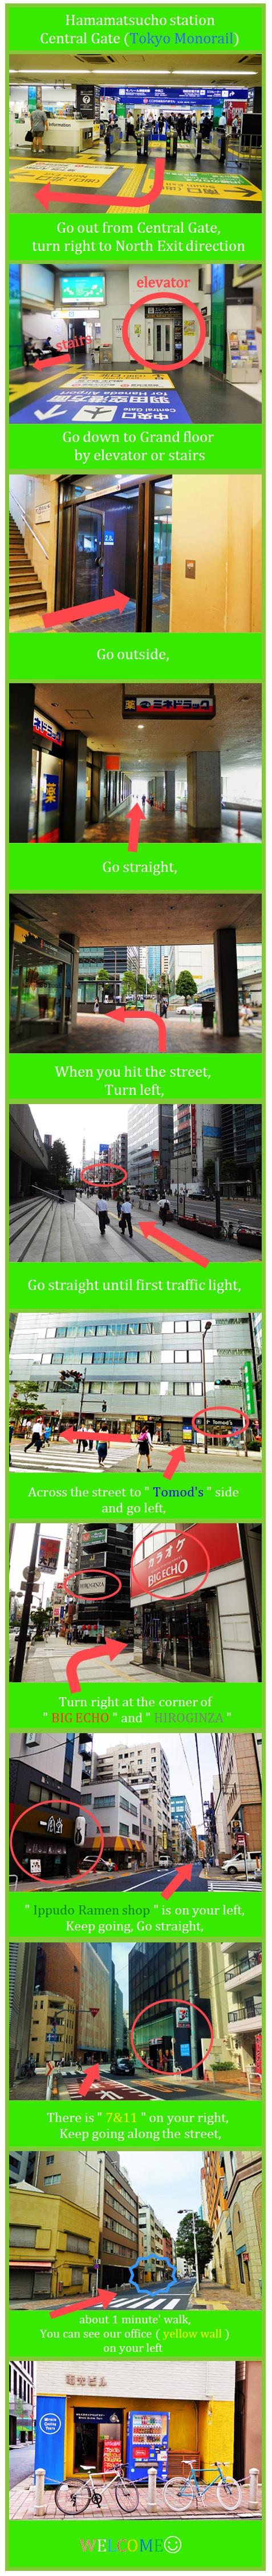 Hamamatsucho Tokyo Monorail